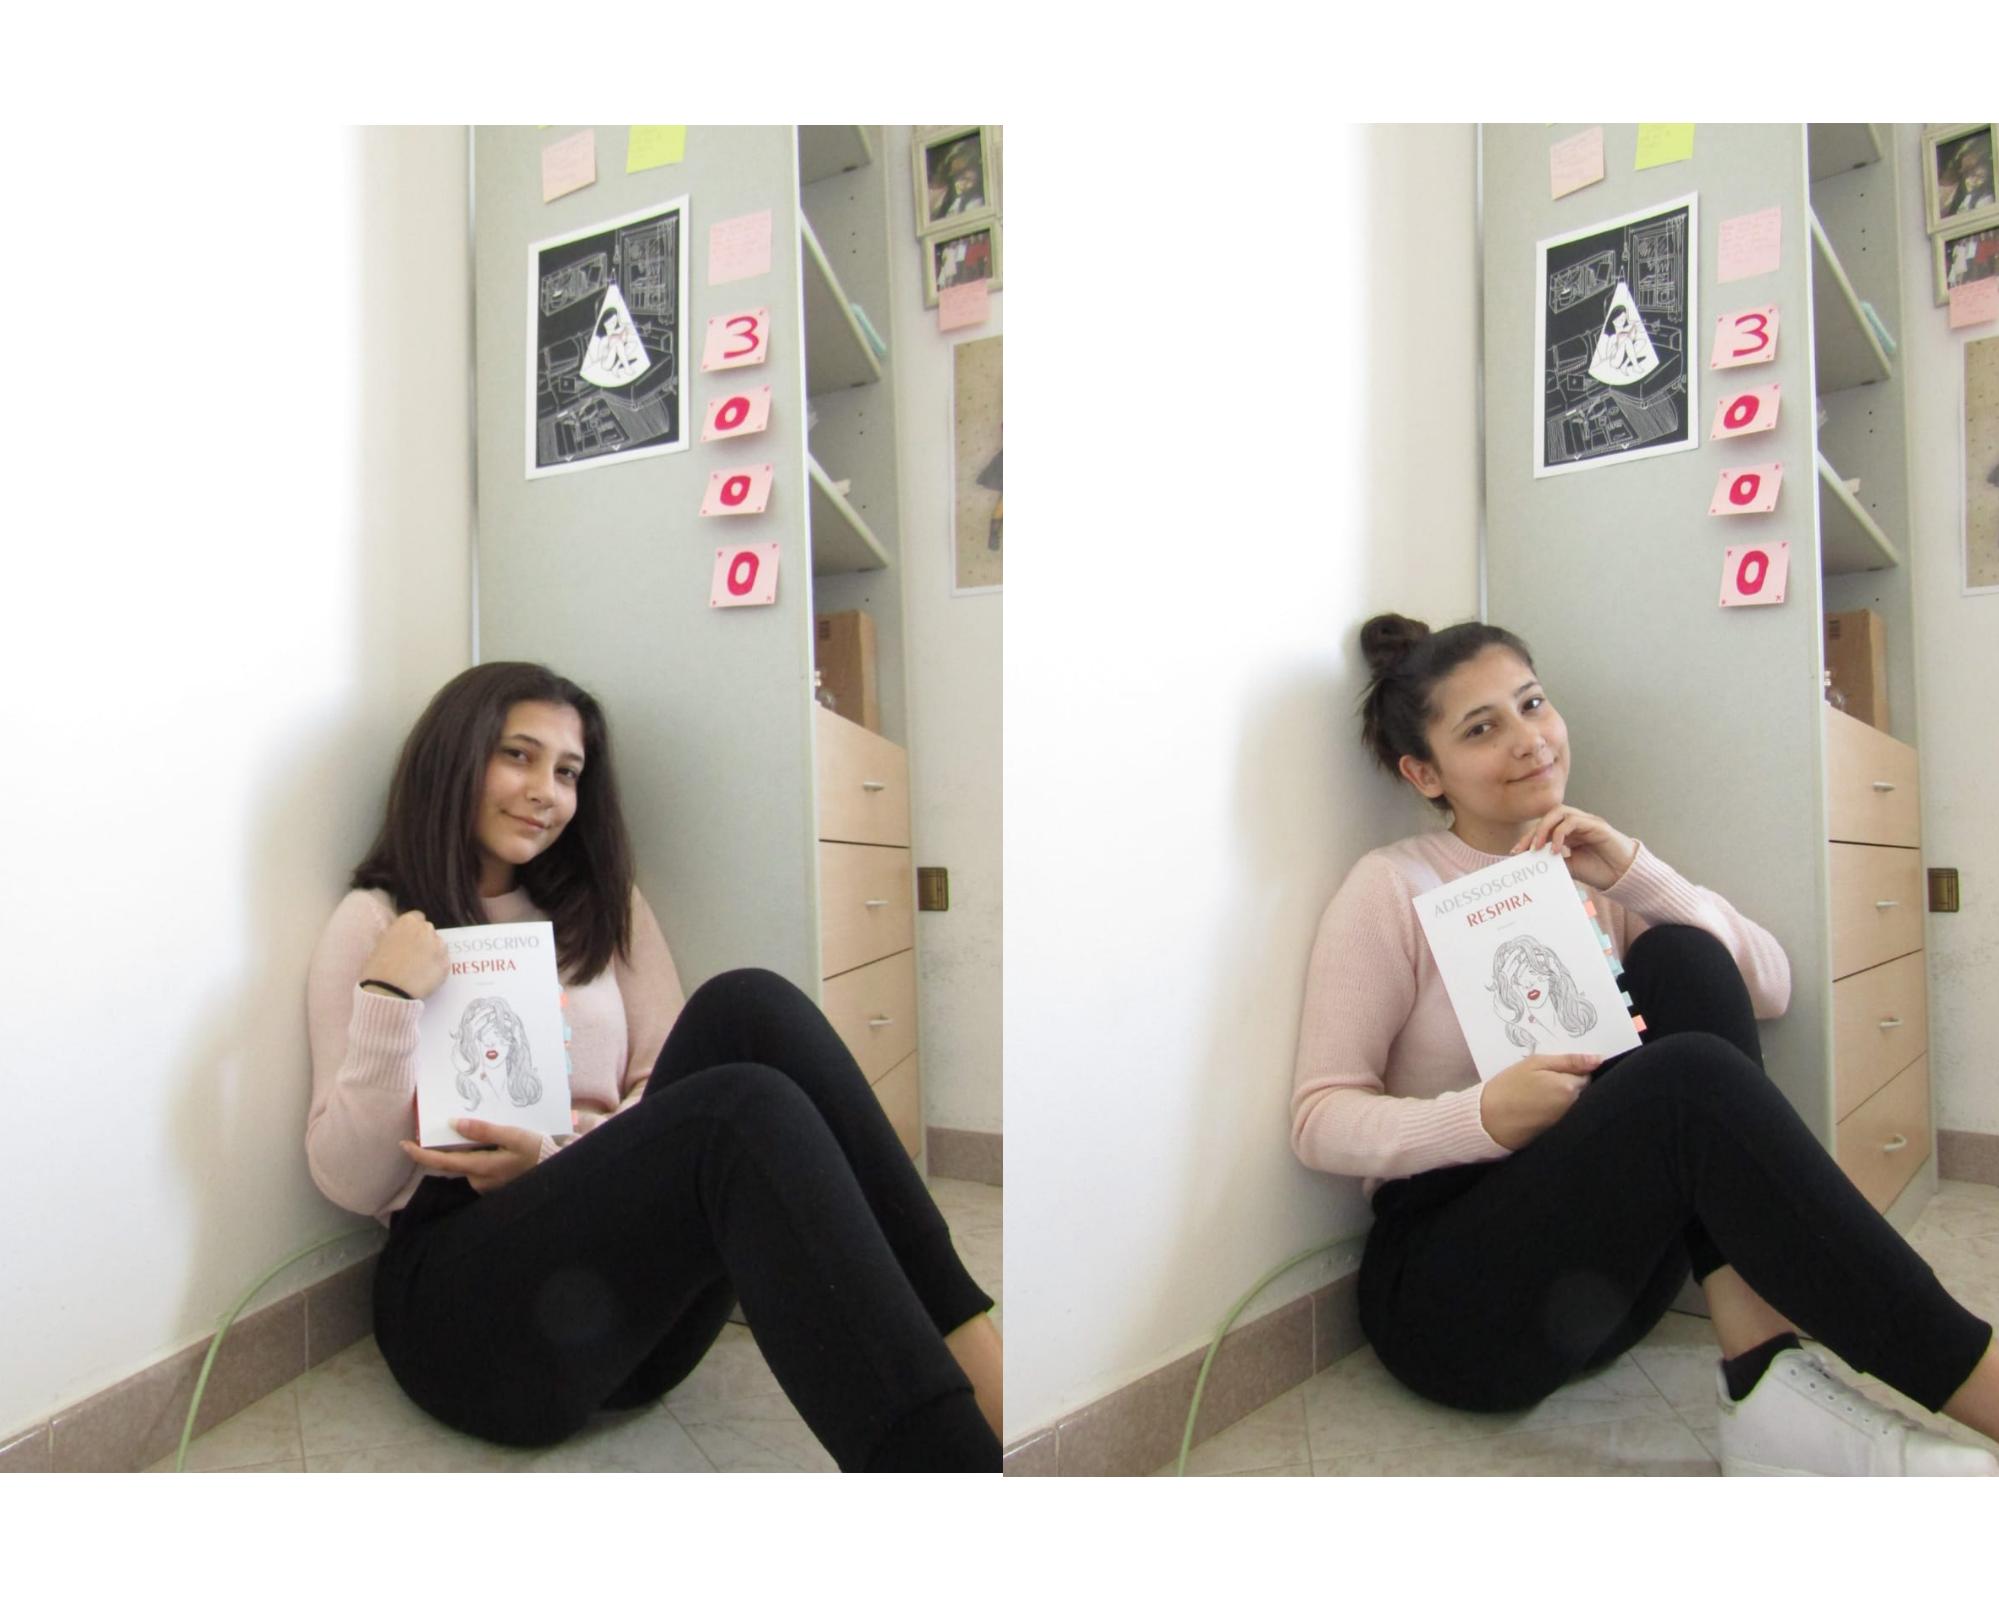 Intervista all'autore: Chiara Vincenzi!